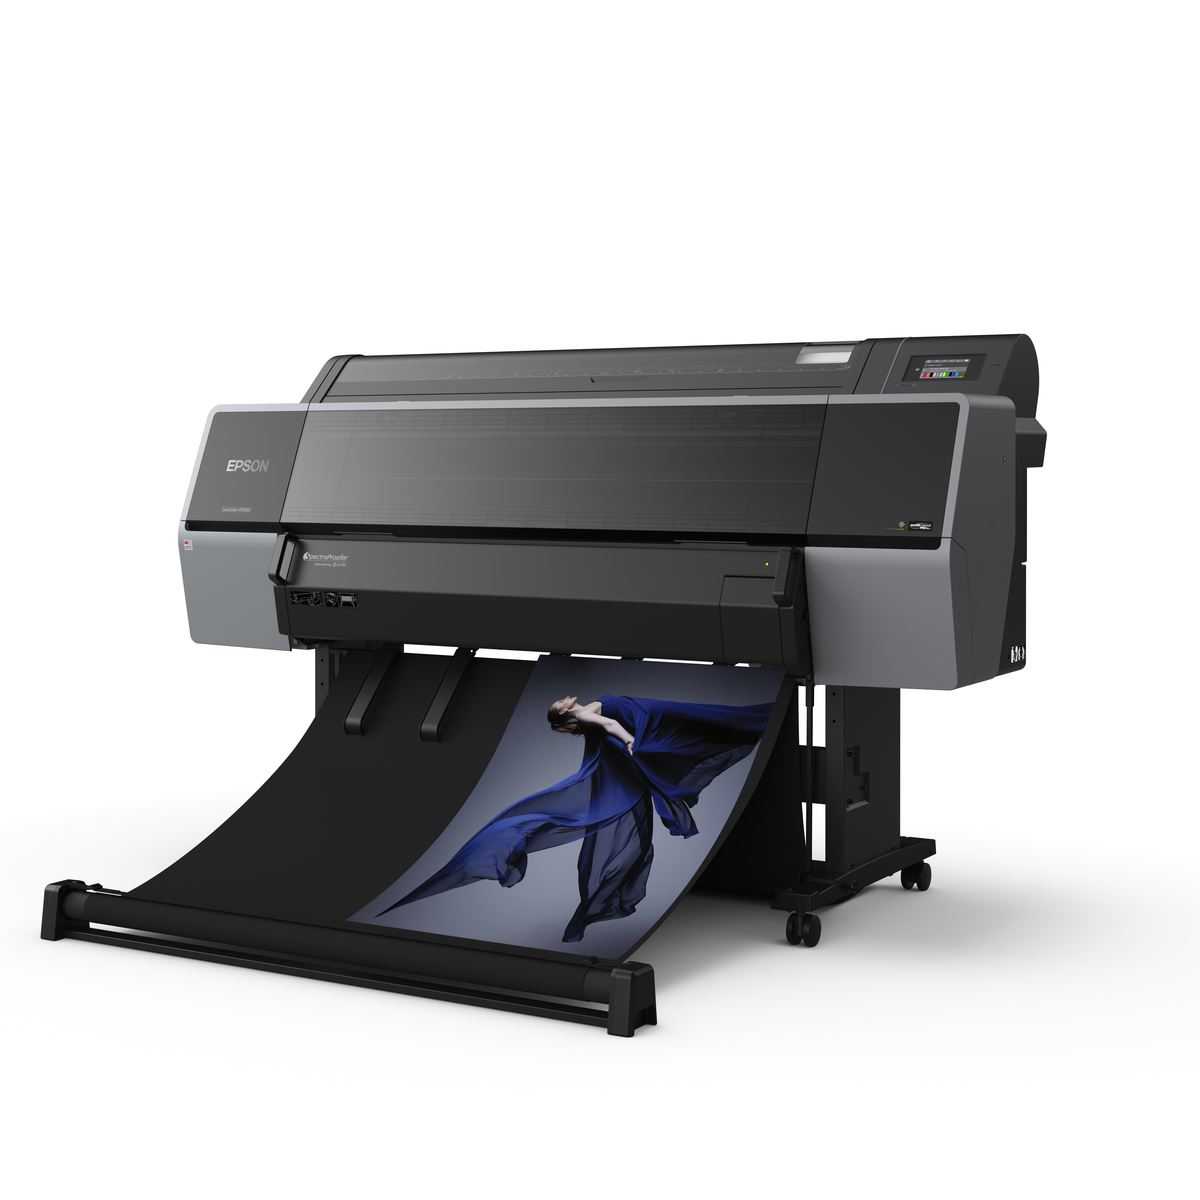 Epson SureColor SC-P9530 Photo Graphic Production Printer